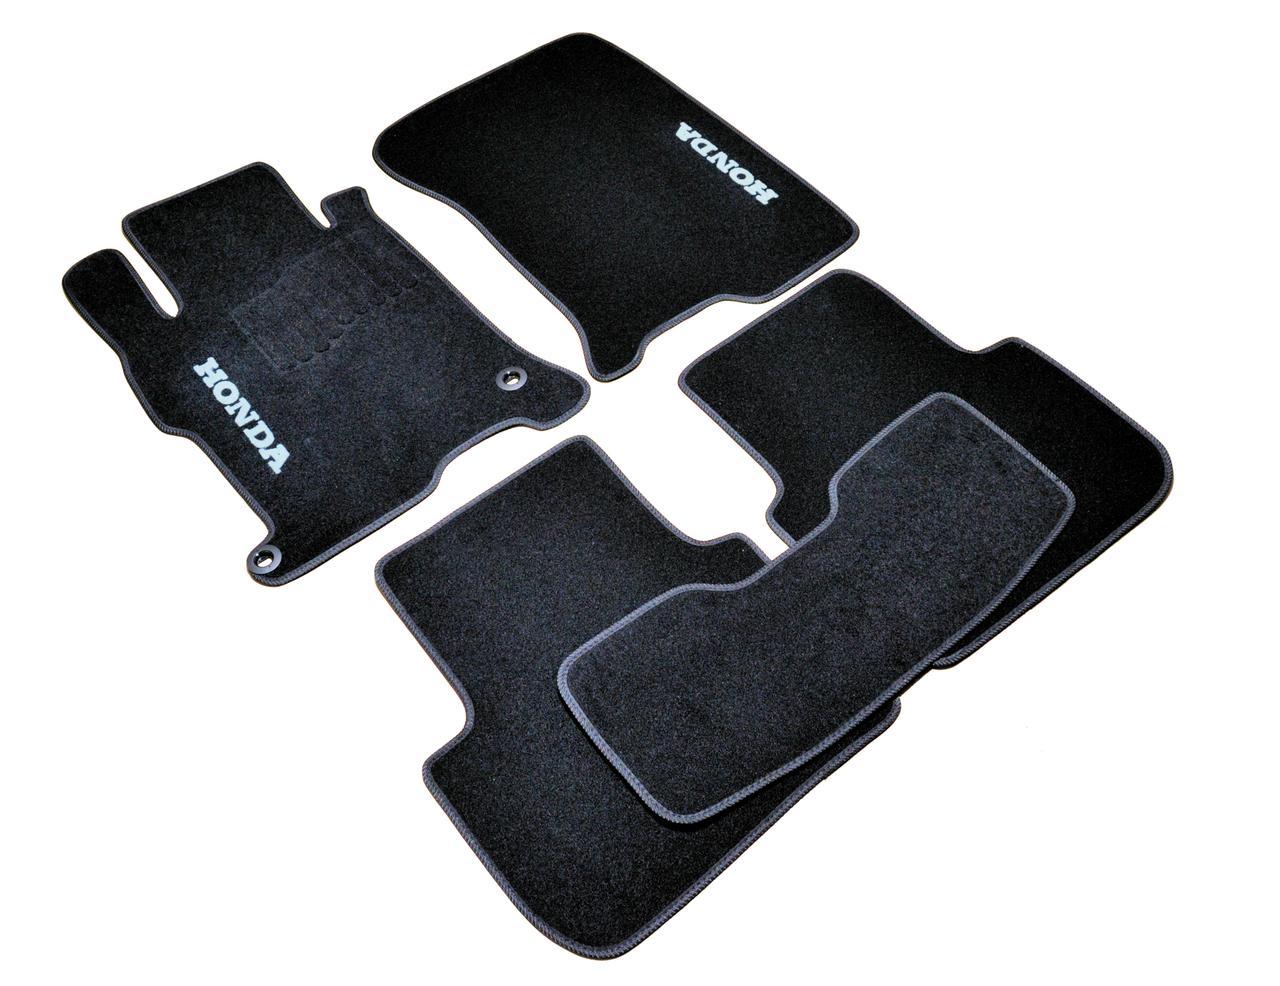 Коврики в салон ворсовые AVTM для Honda Accord (2012-) /Чёрные BLCCR1195